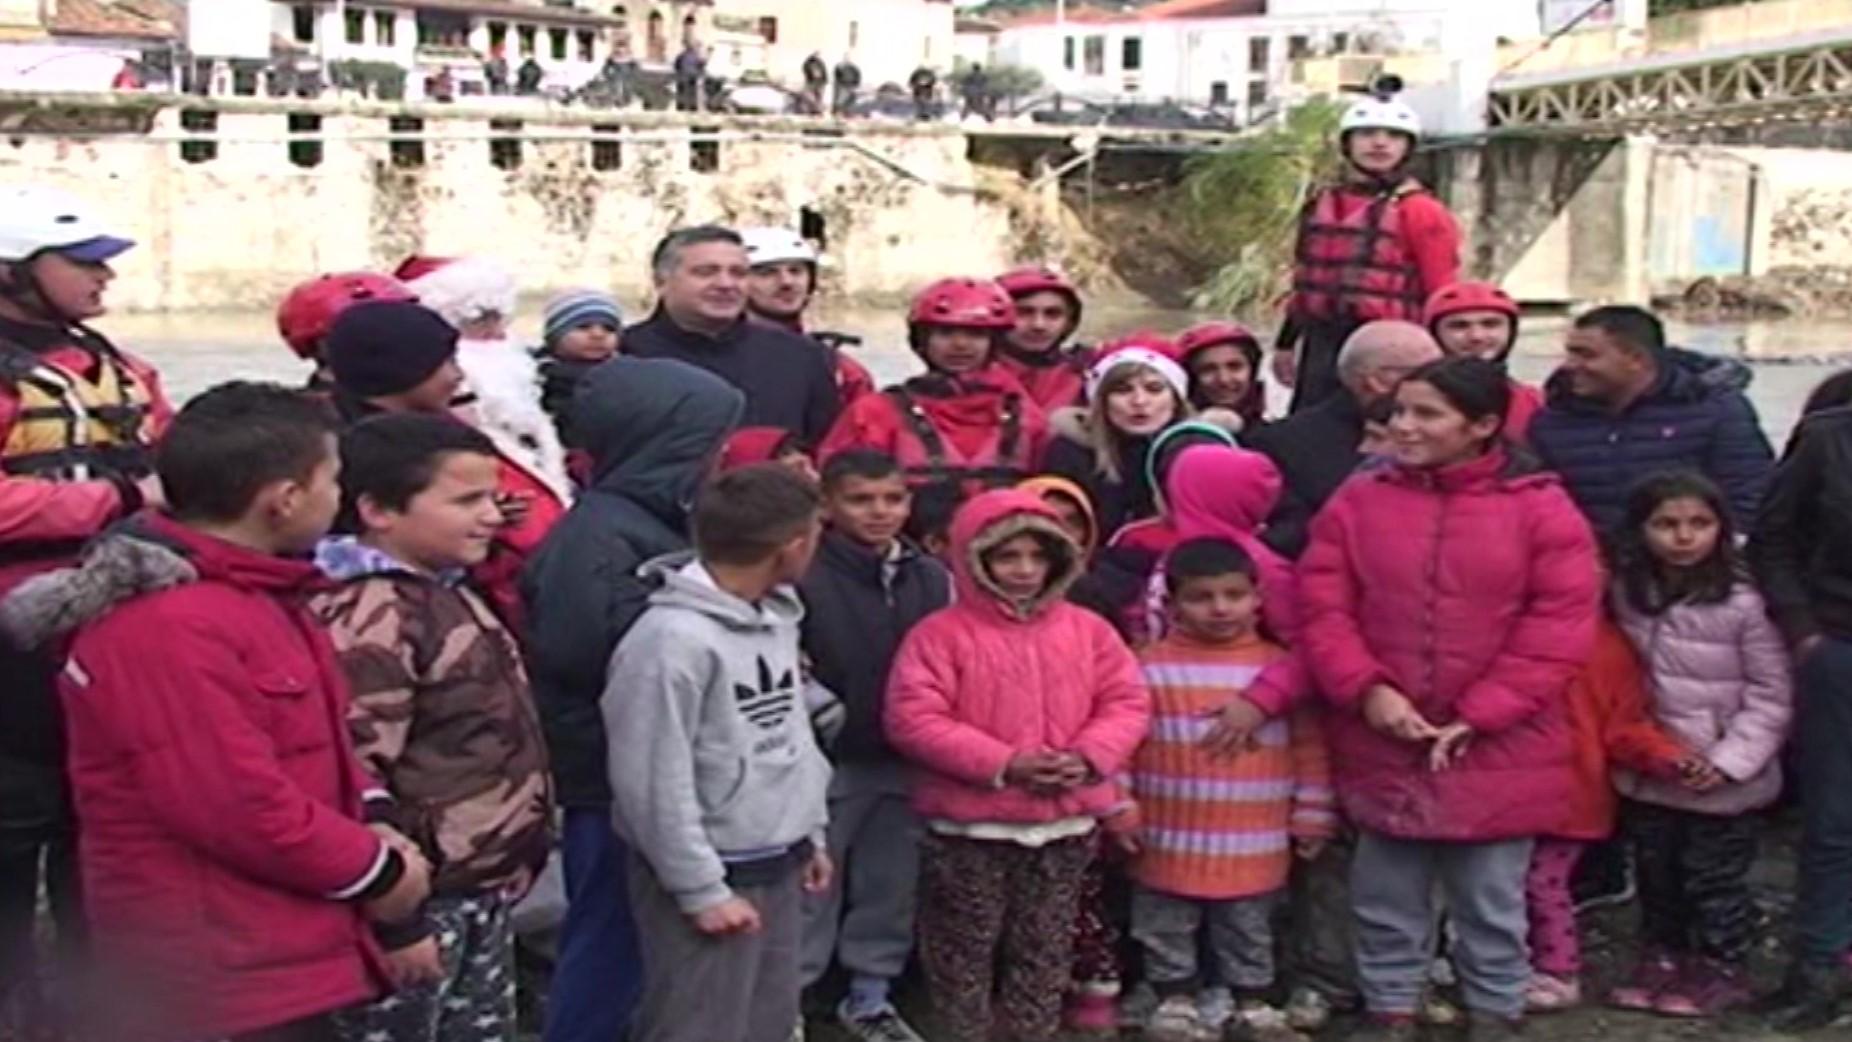 Ministri Klosi organizon njeë aktivitet festiv me fëmijët e komunitetit rom në Berat